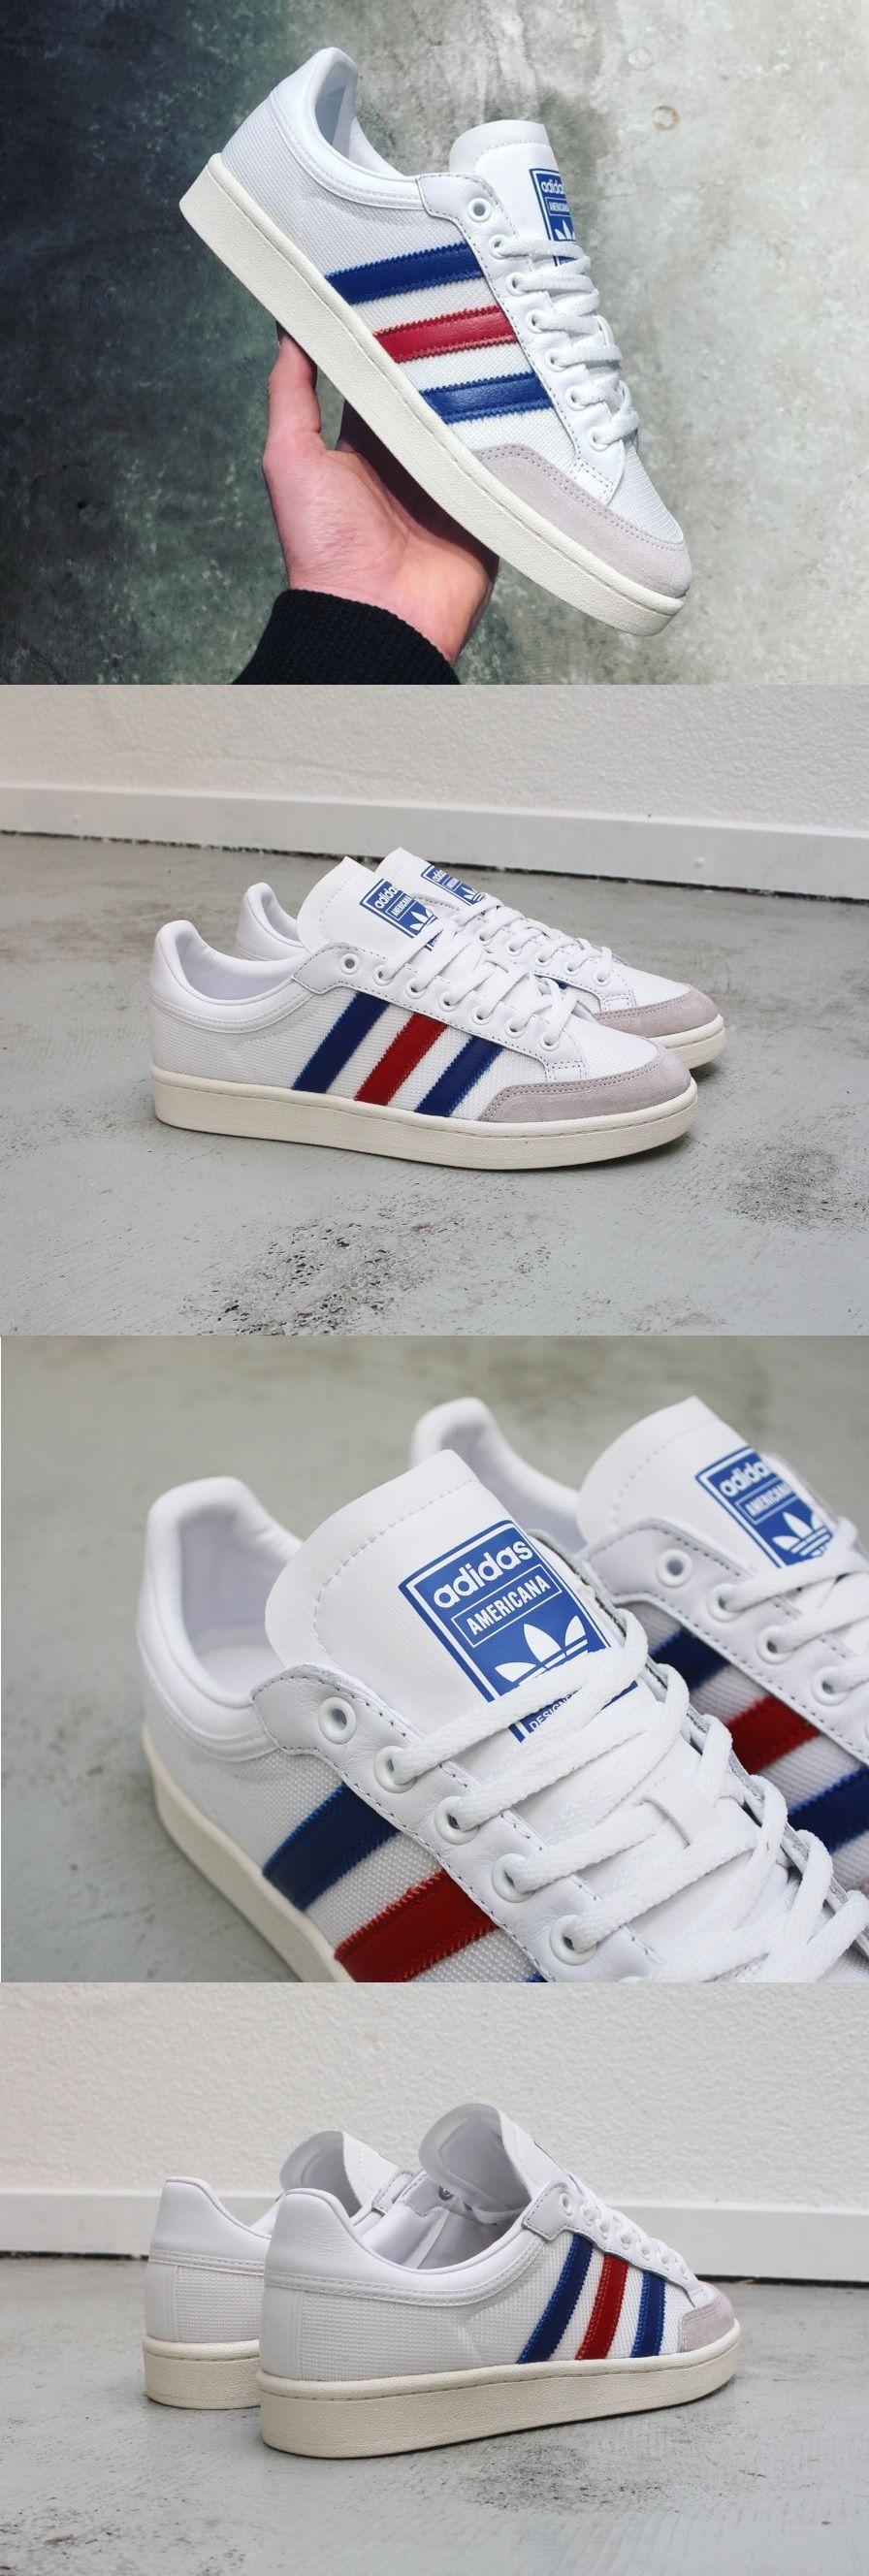 adidas chaussure basse americana